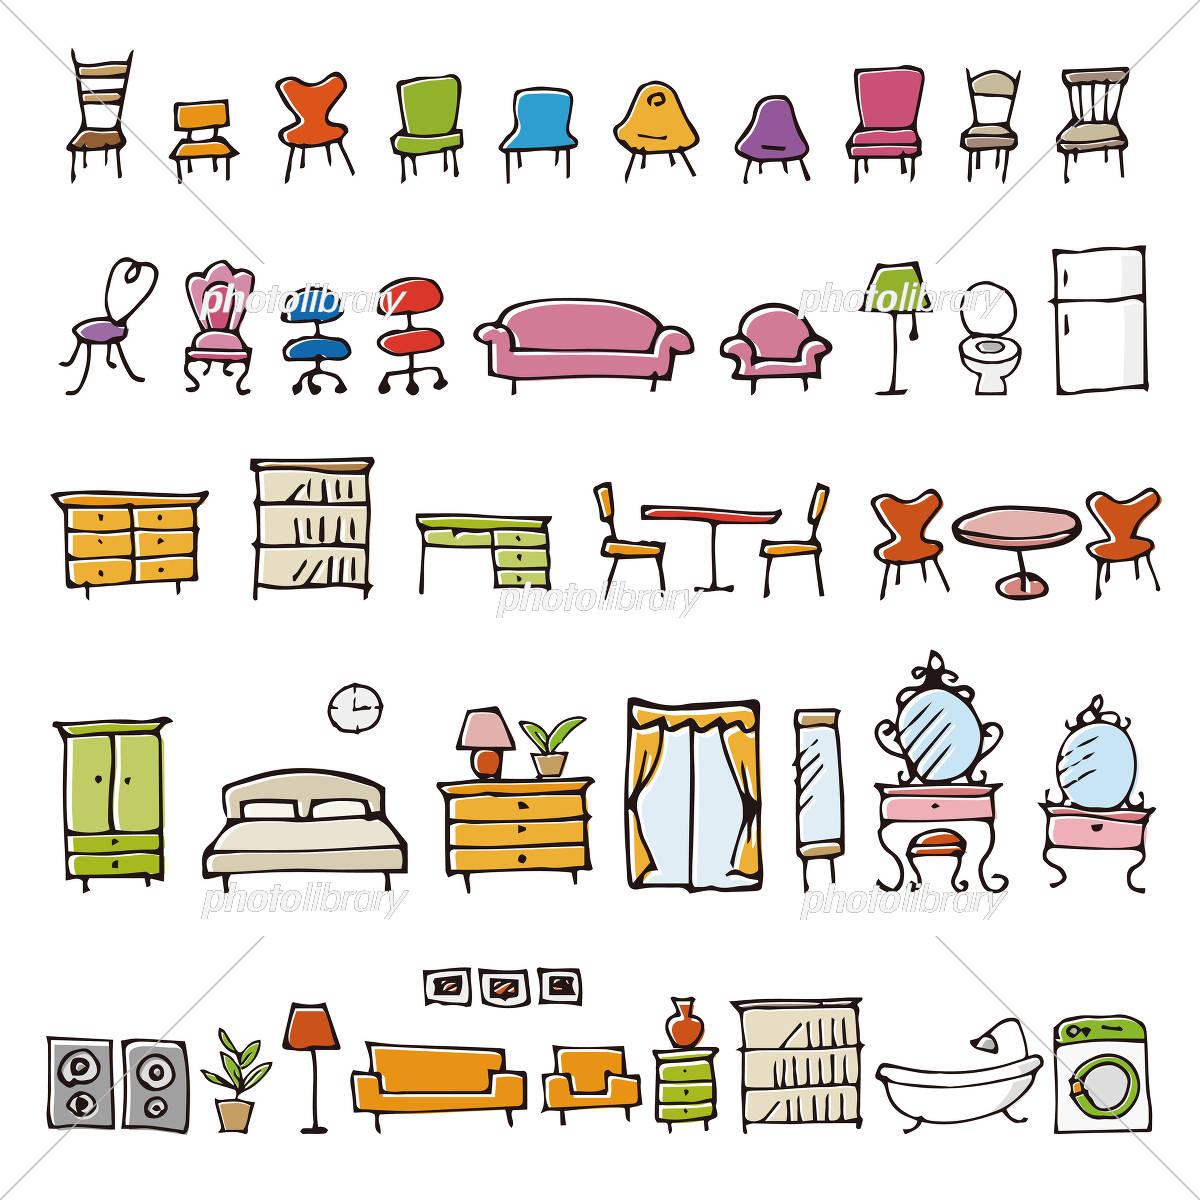 手描きのかわいい家具イラスト イラスト素材 [ 5387862 ] - フォトライブ